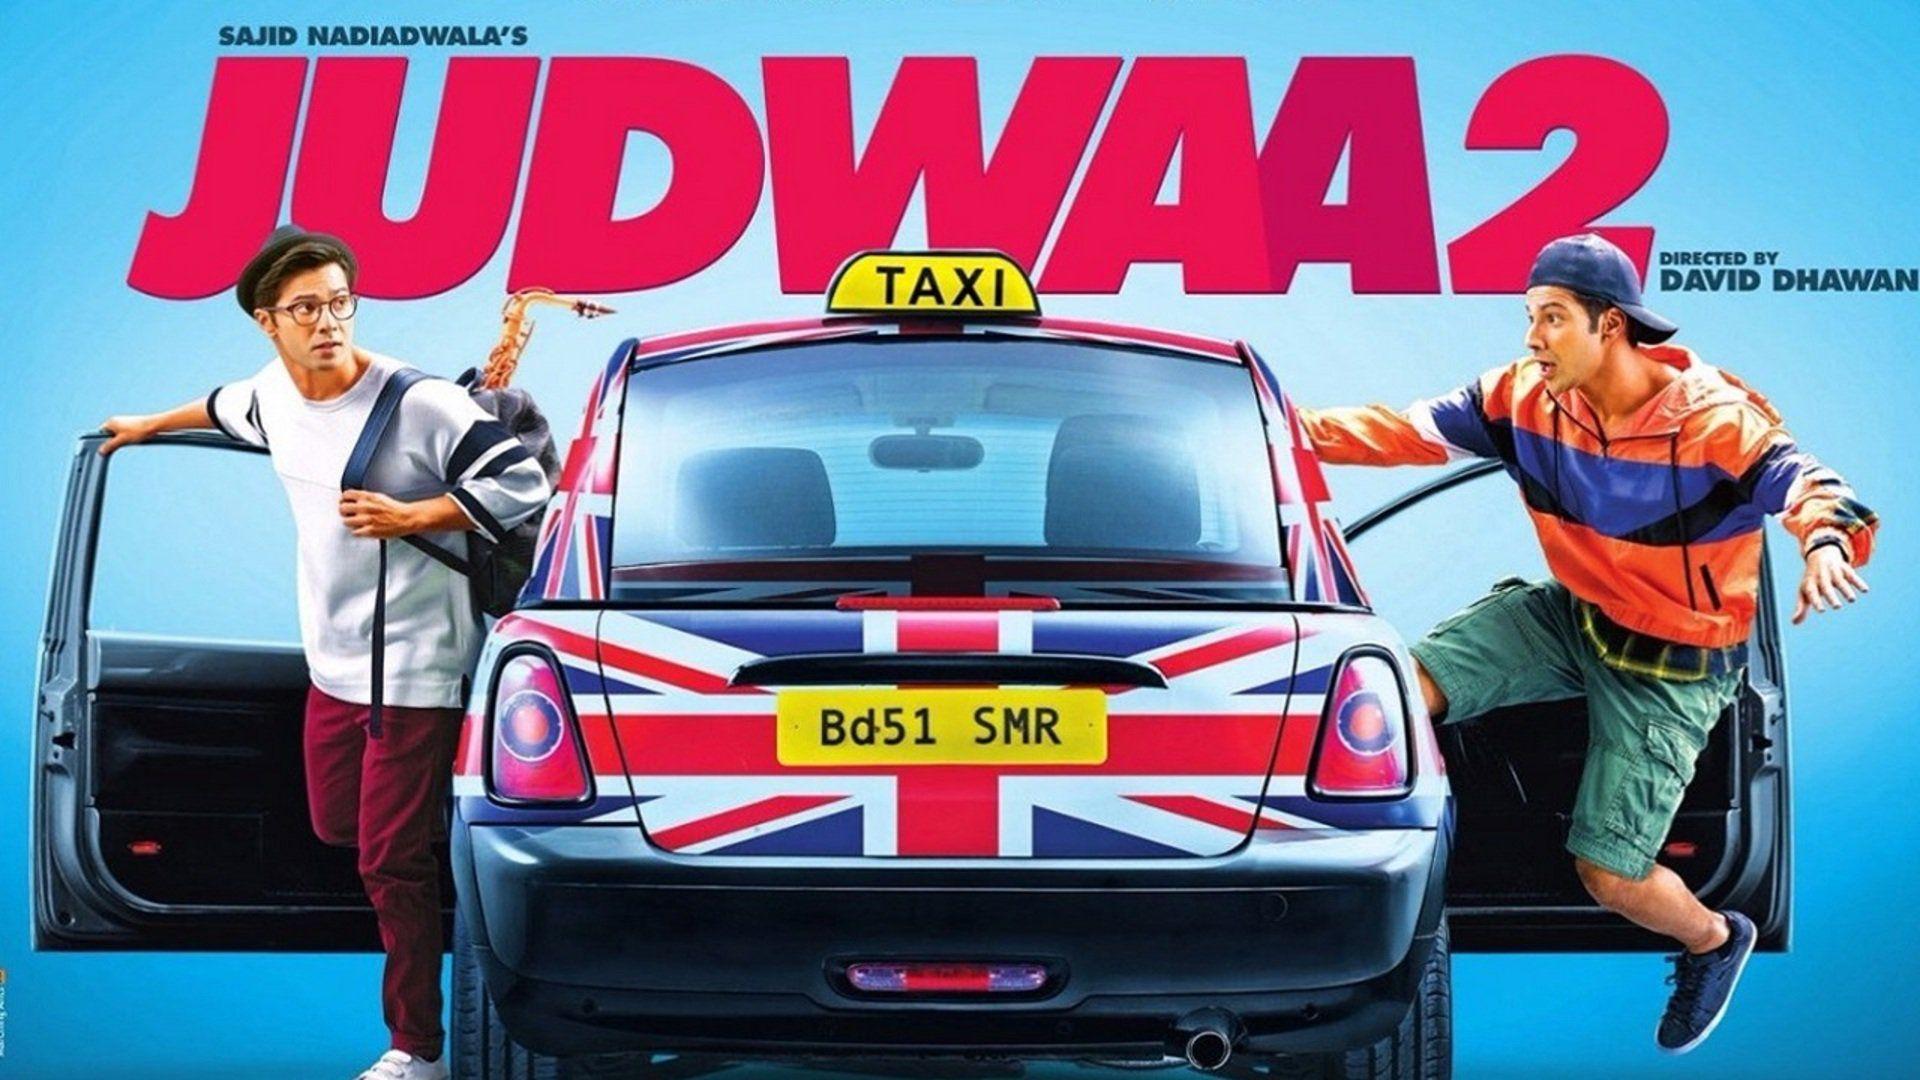 judwaa 2 full movie watch online free hd